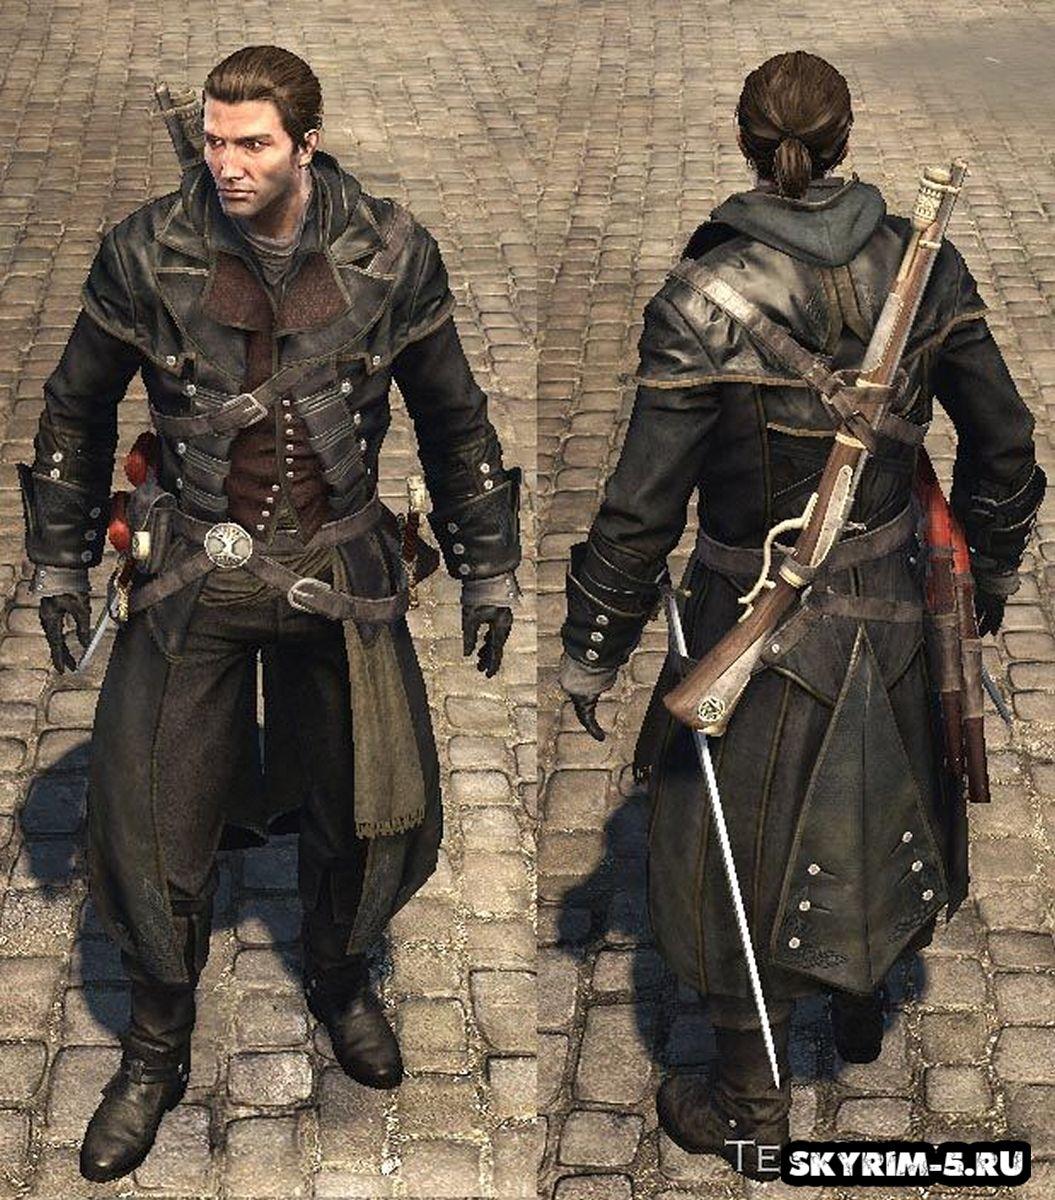 Черная броня АссасинаМоды Скайрим > Броня и одежда Скайрим